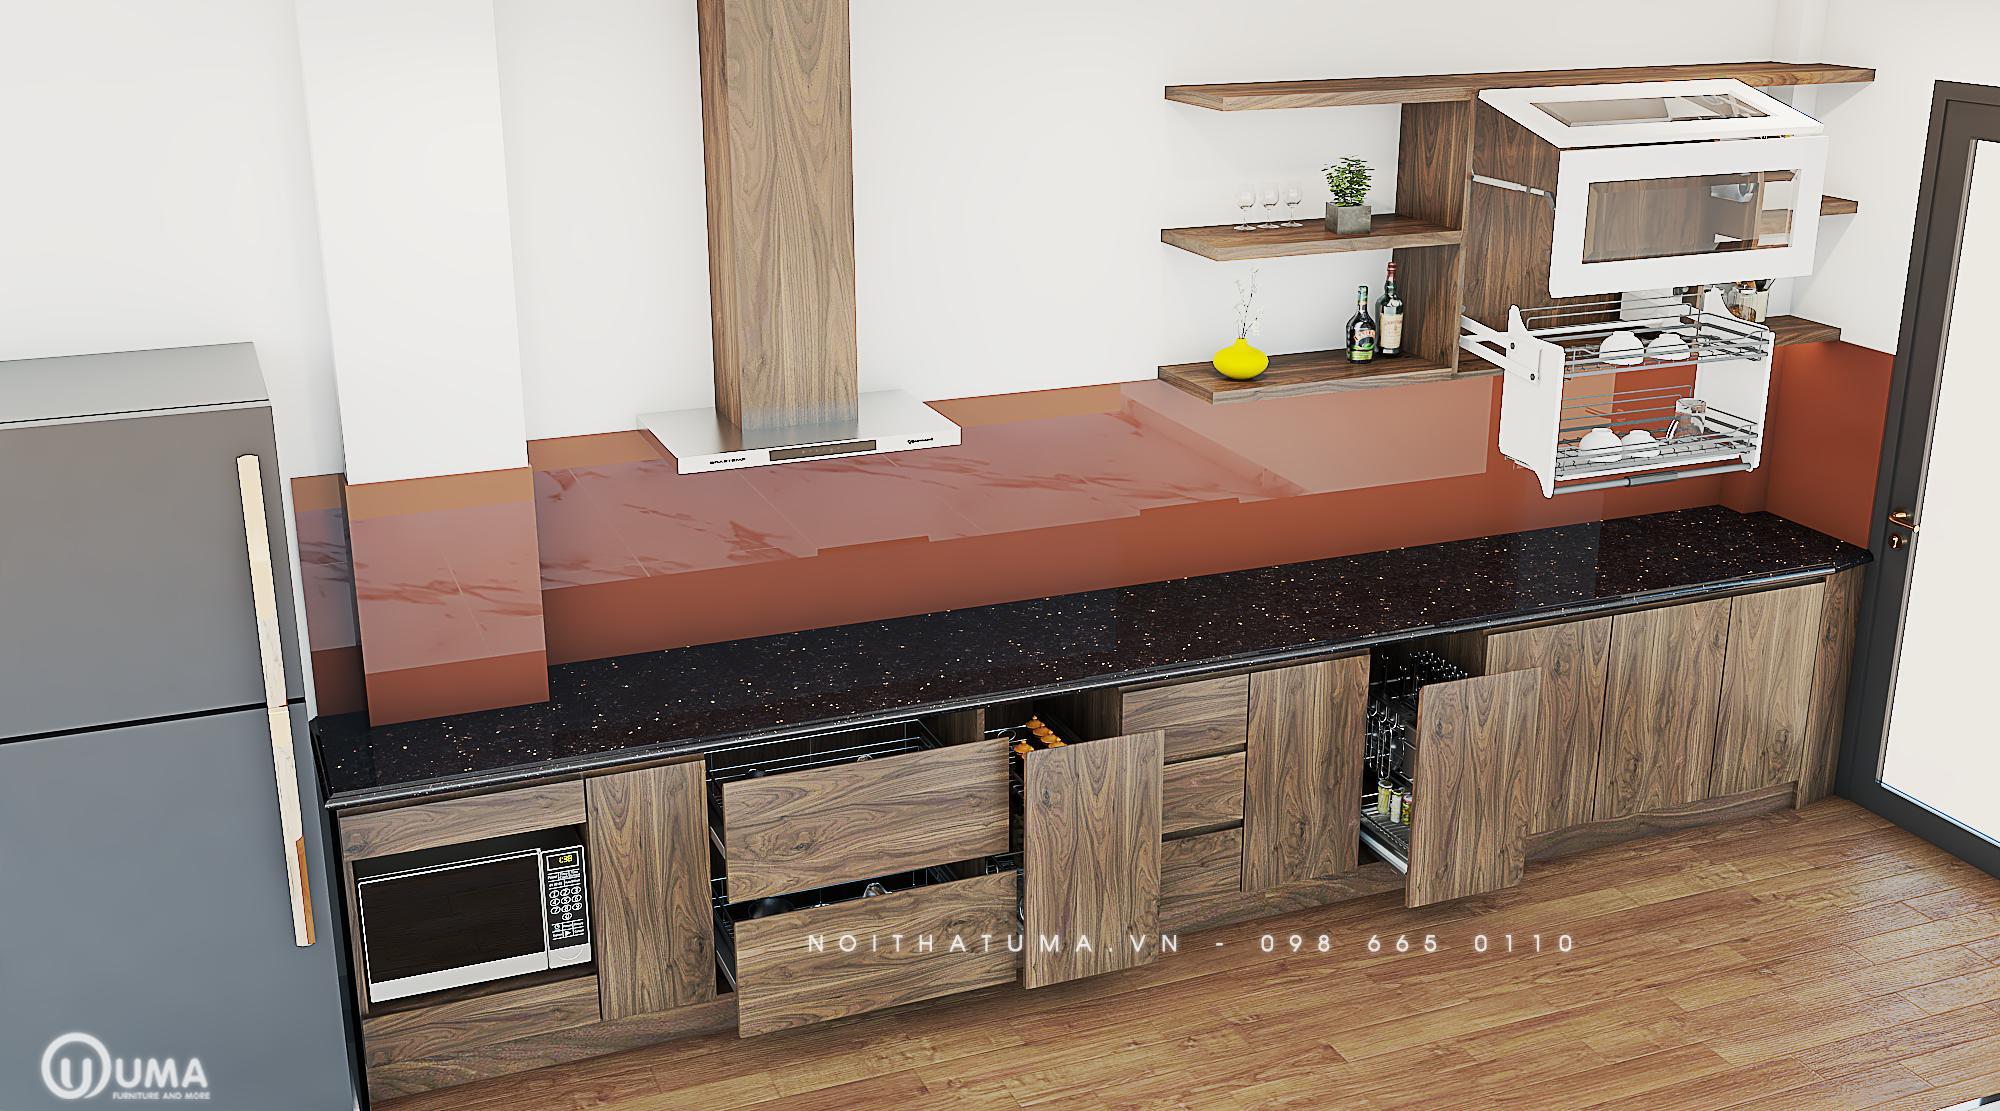 Phong cách thiết kế tủ bếp cho người Canh Ngọ của UMA